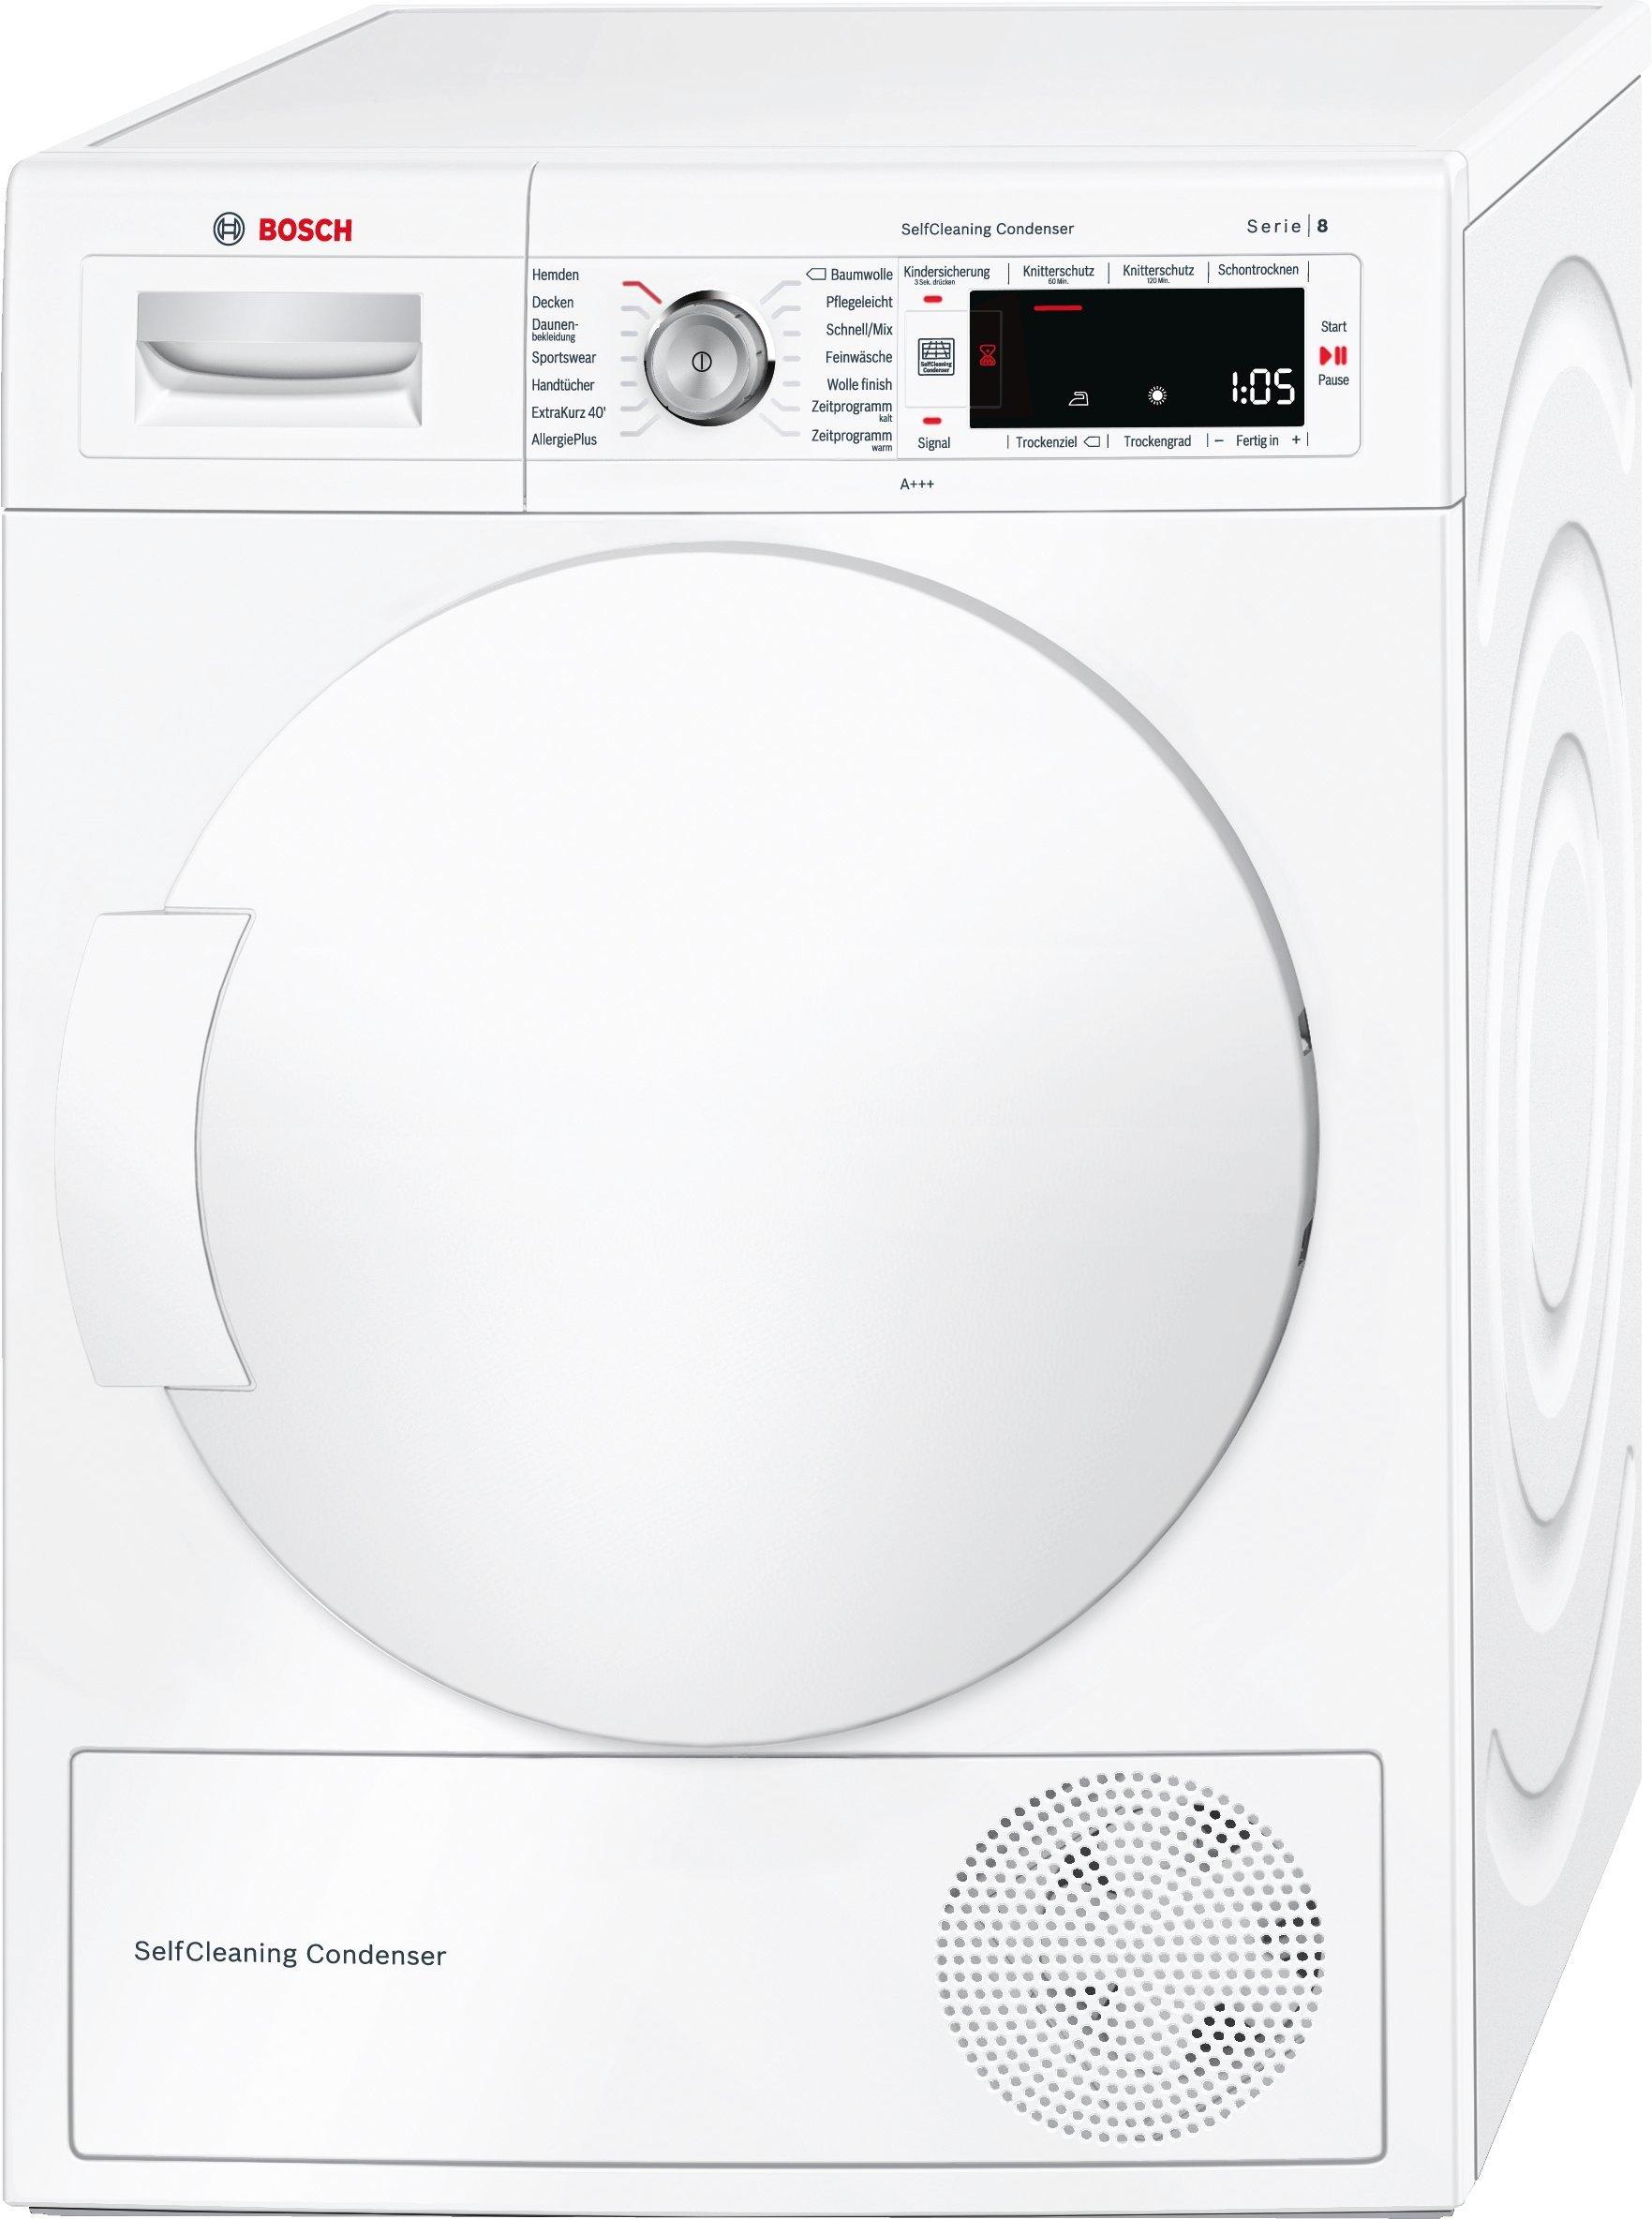 Bosch WTW845W0 Serie 8  Wärmepumpentrockner, Kondenstrockner, 8 kg, weiß